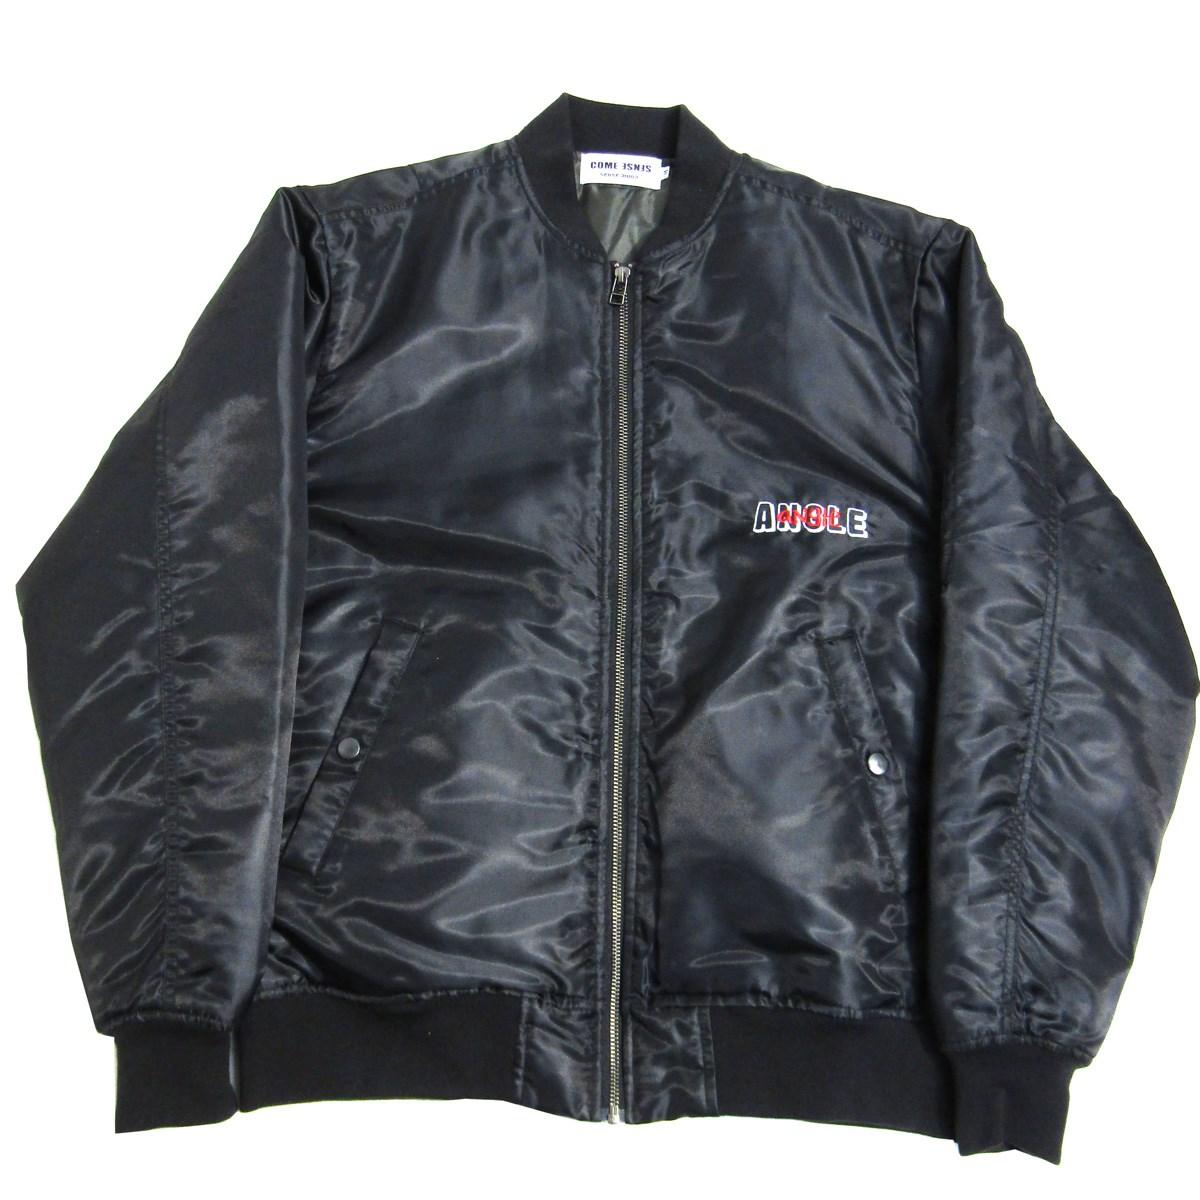 【中古】COME SENSE ANGLE angle 270 エンジェル MA-1 ジャケット ブラック サイズ:M 【010920】(カム センス)